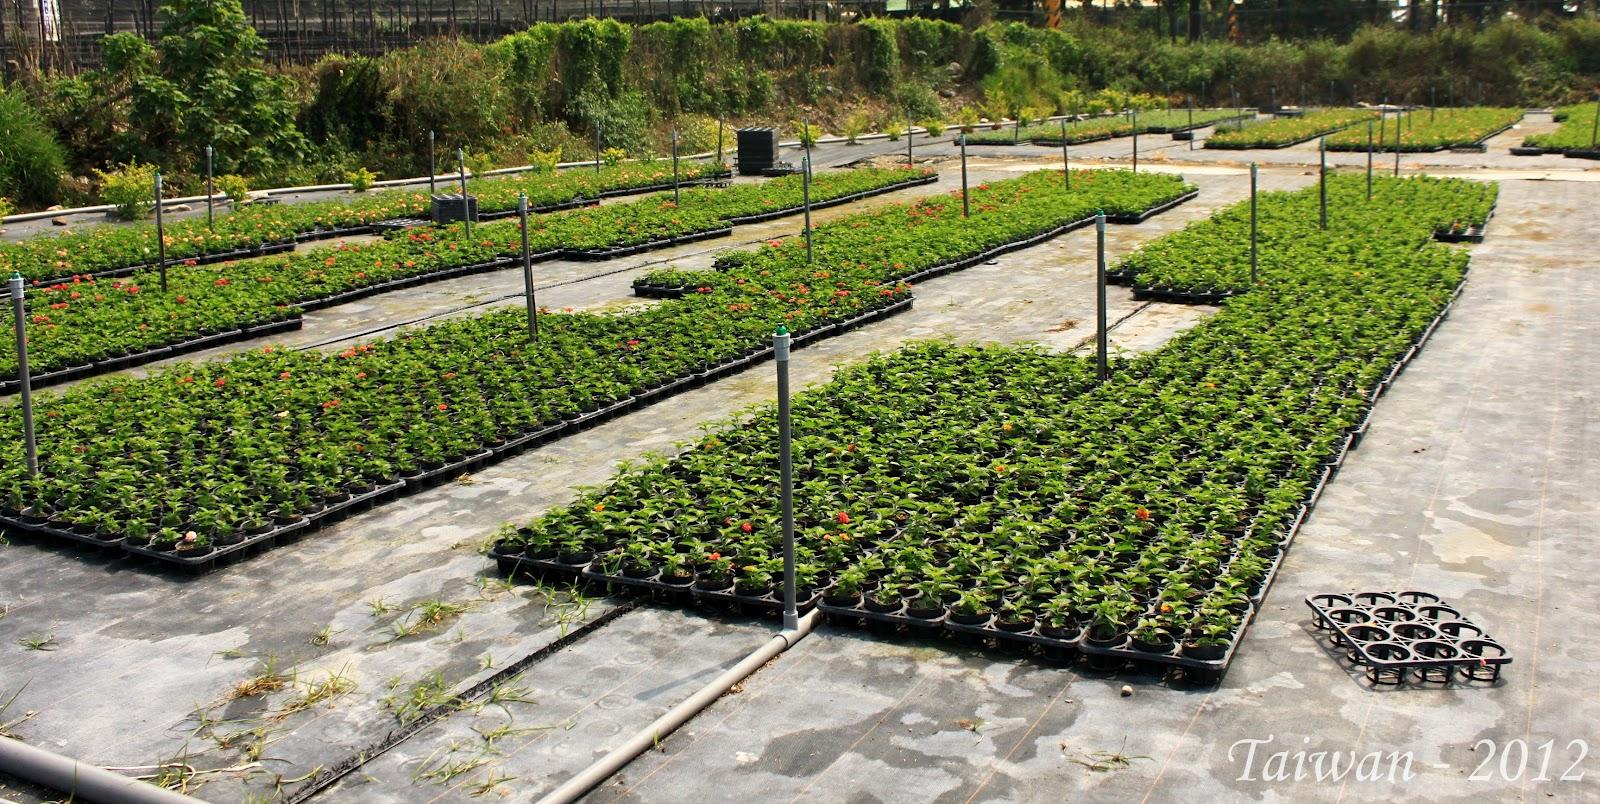 Estudiando agricultura en taiw n un vivero de plantas de for Viveros ornamentales